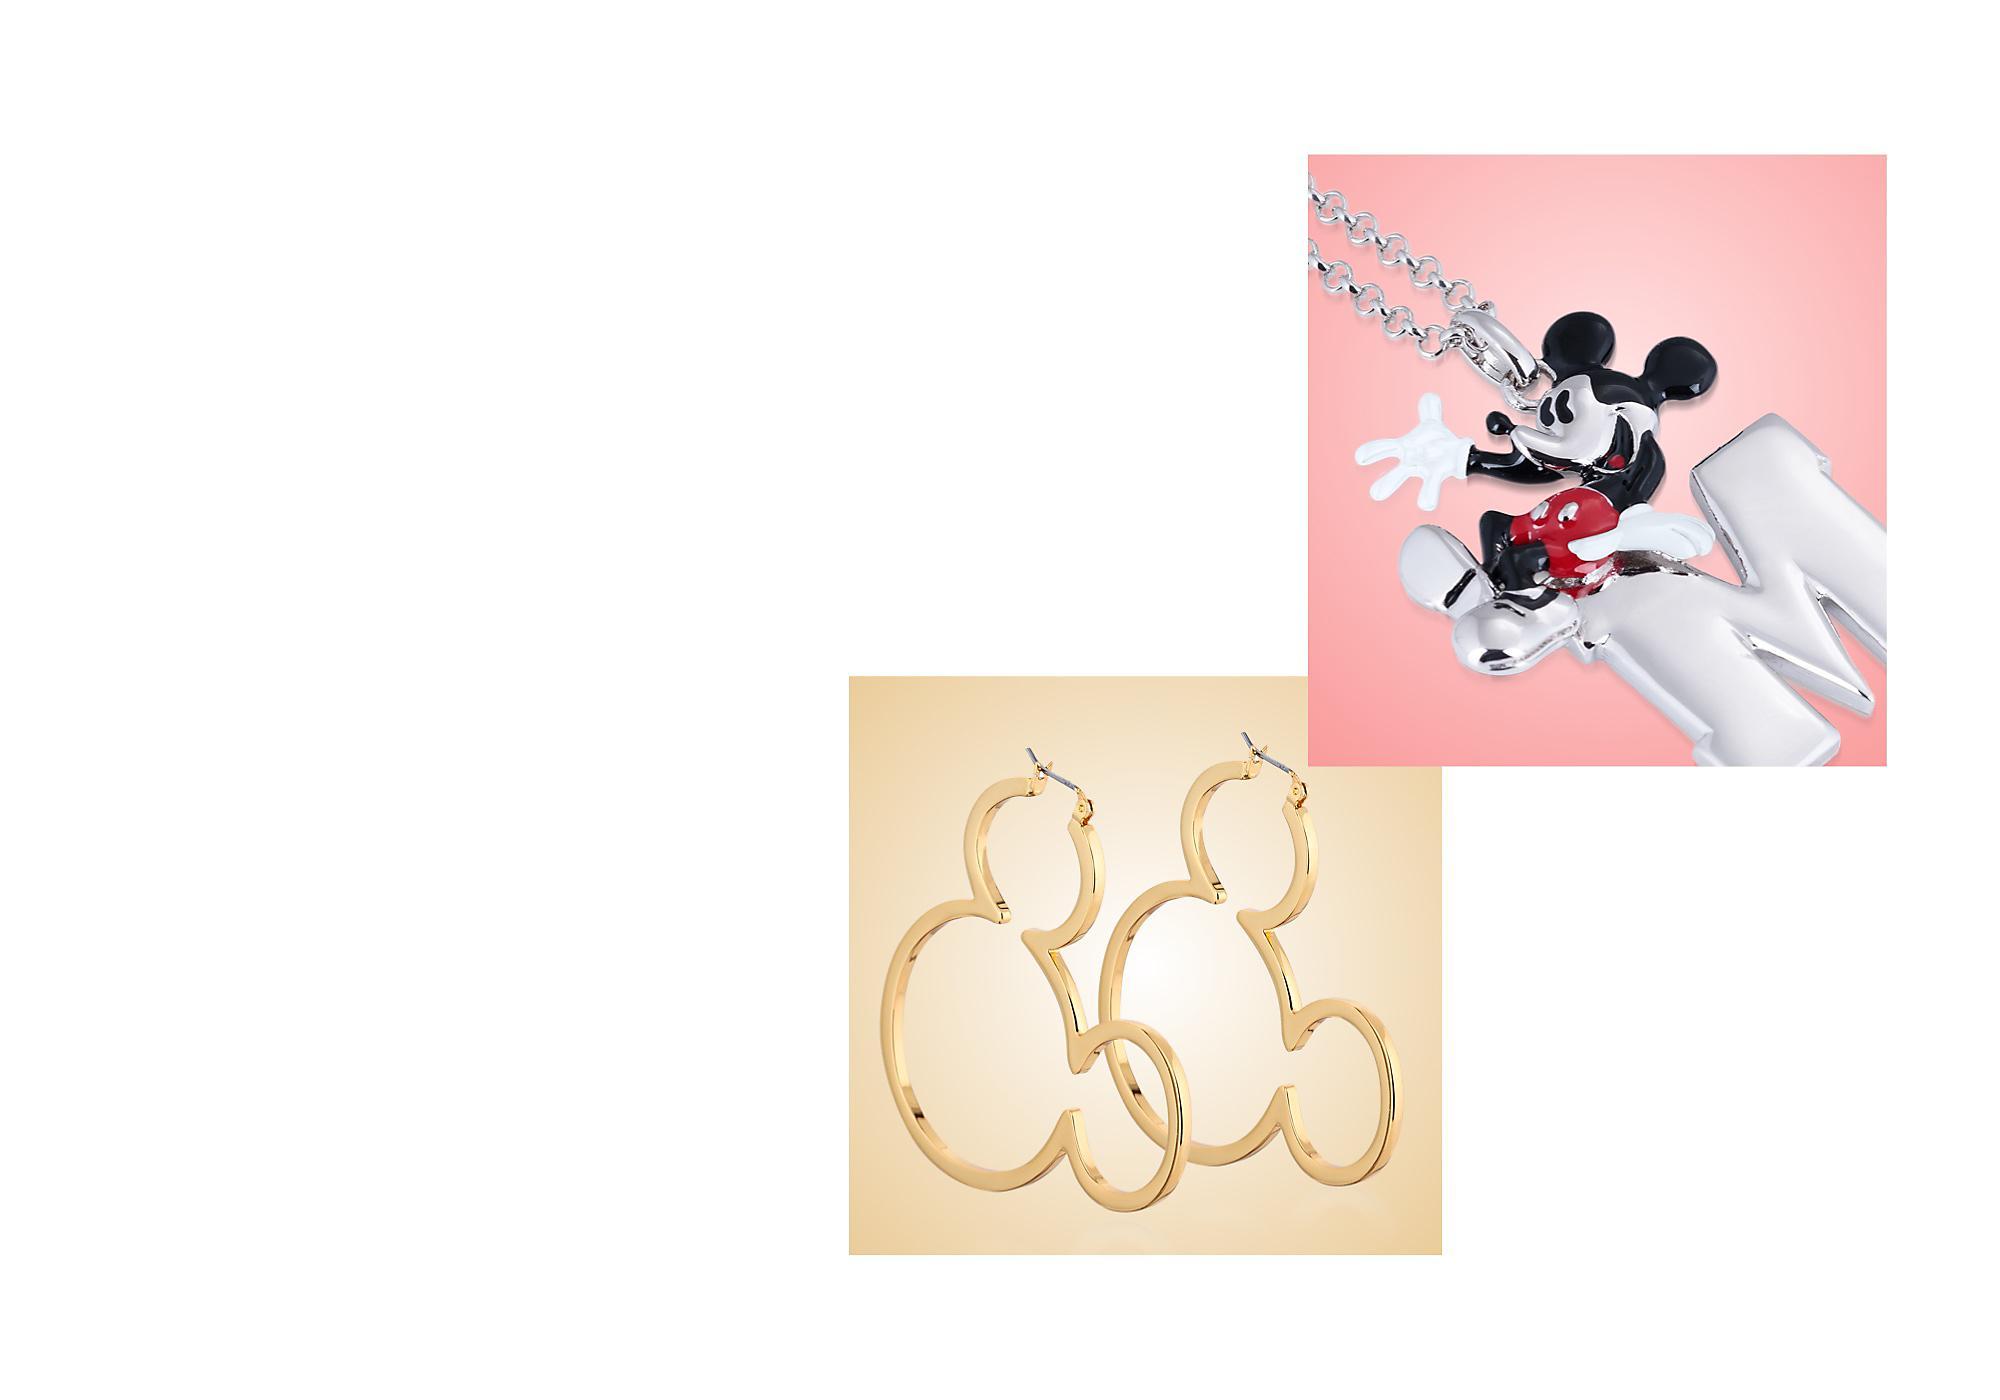 Joyas con encanto Presentamos Couture Kingdom de Disney, una colección de joyas fashion que hará las delicias de cualquier fan de Disney.